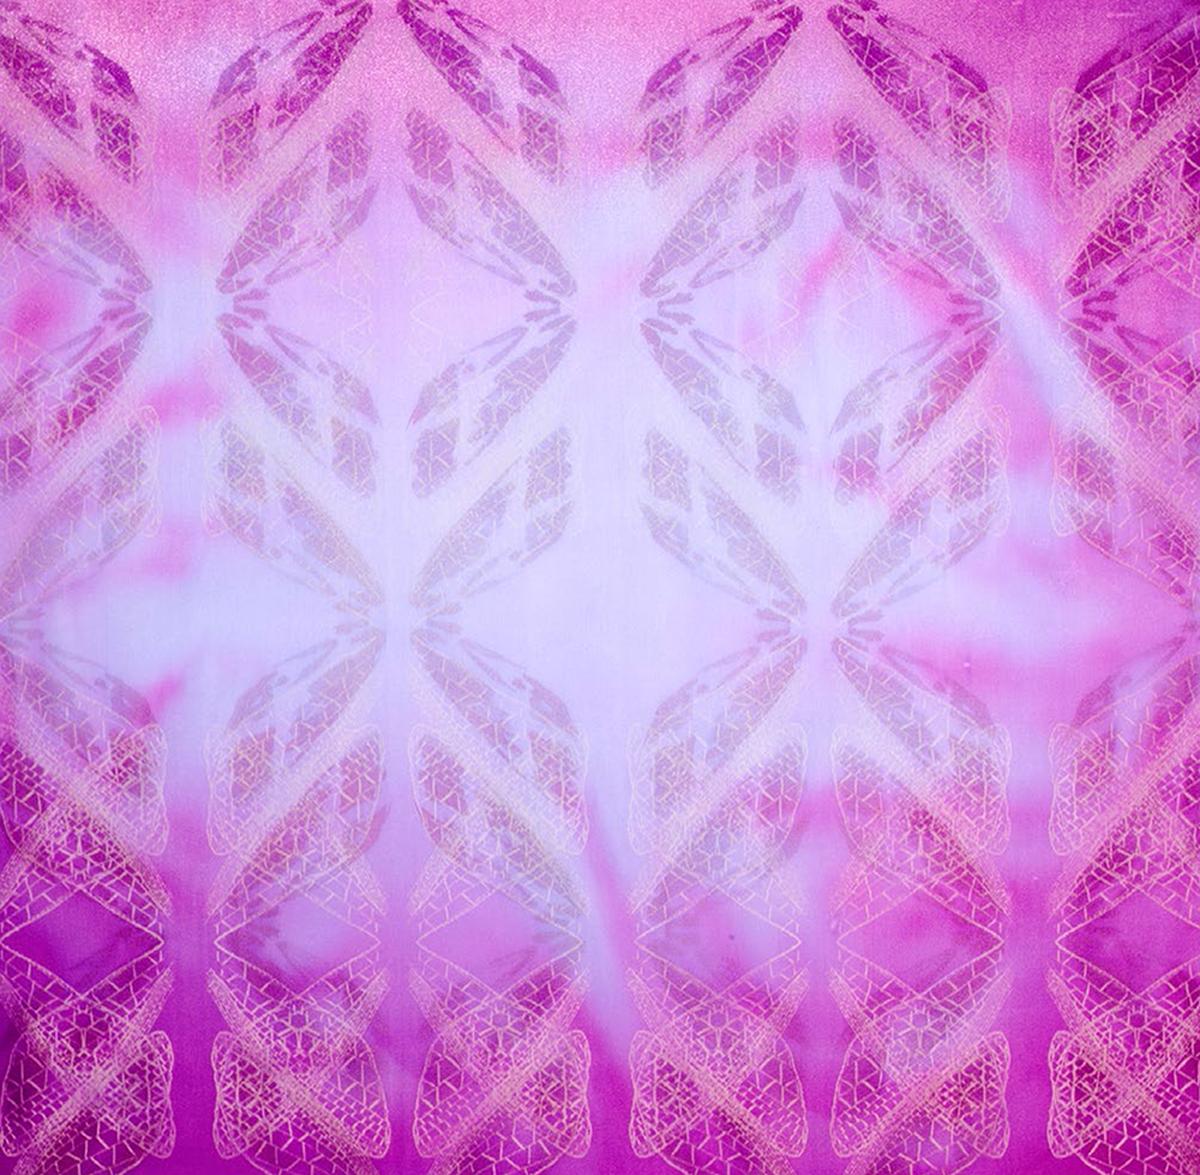 Butterfly_Ink_Thermochromic-dye_Marie_Ledendal_web